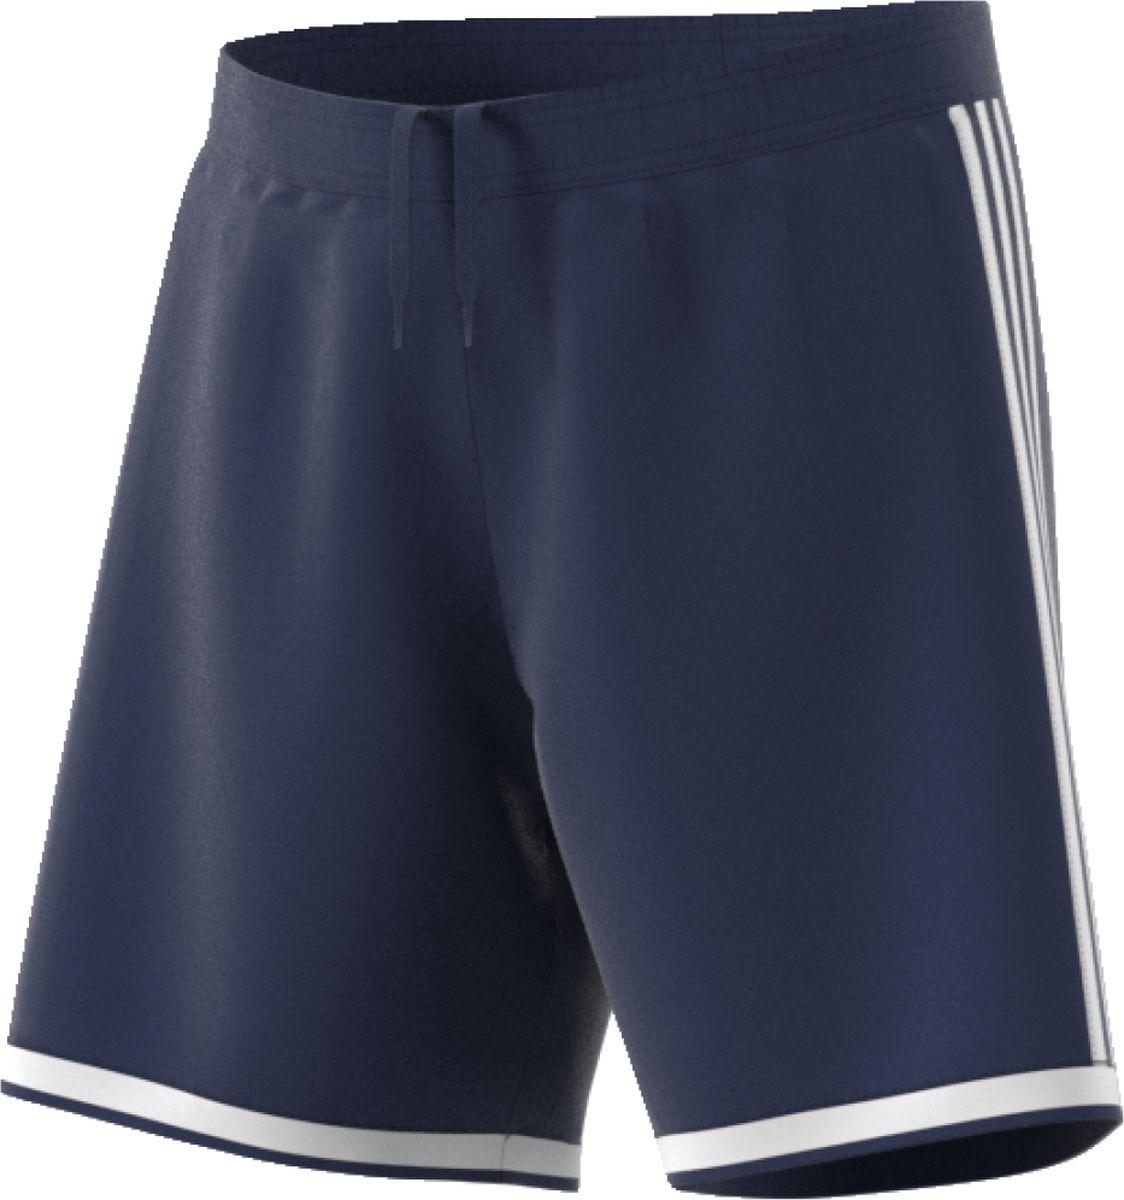 Шорты мужские Adidas Regista 18 Sho, цвет: темно-синий. CF9592. Размер L (52/54) шорты спортивные topman topman to030emuws10